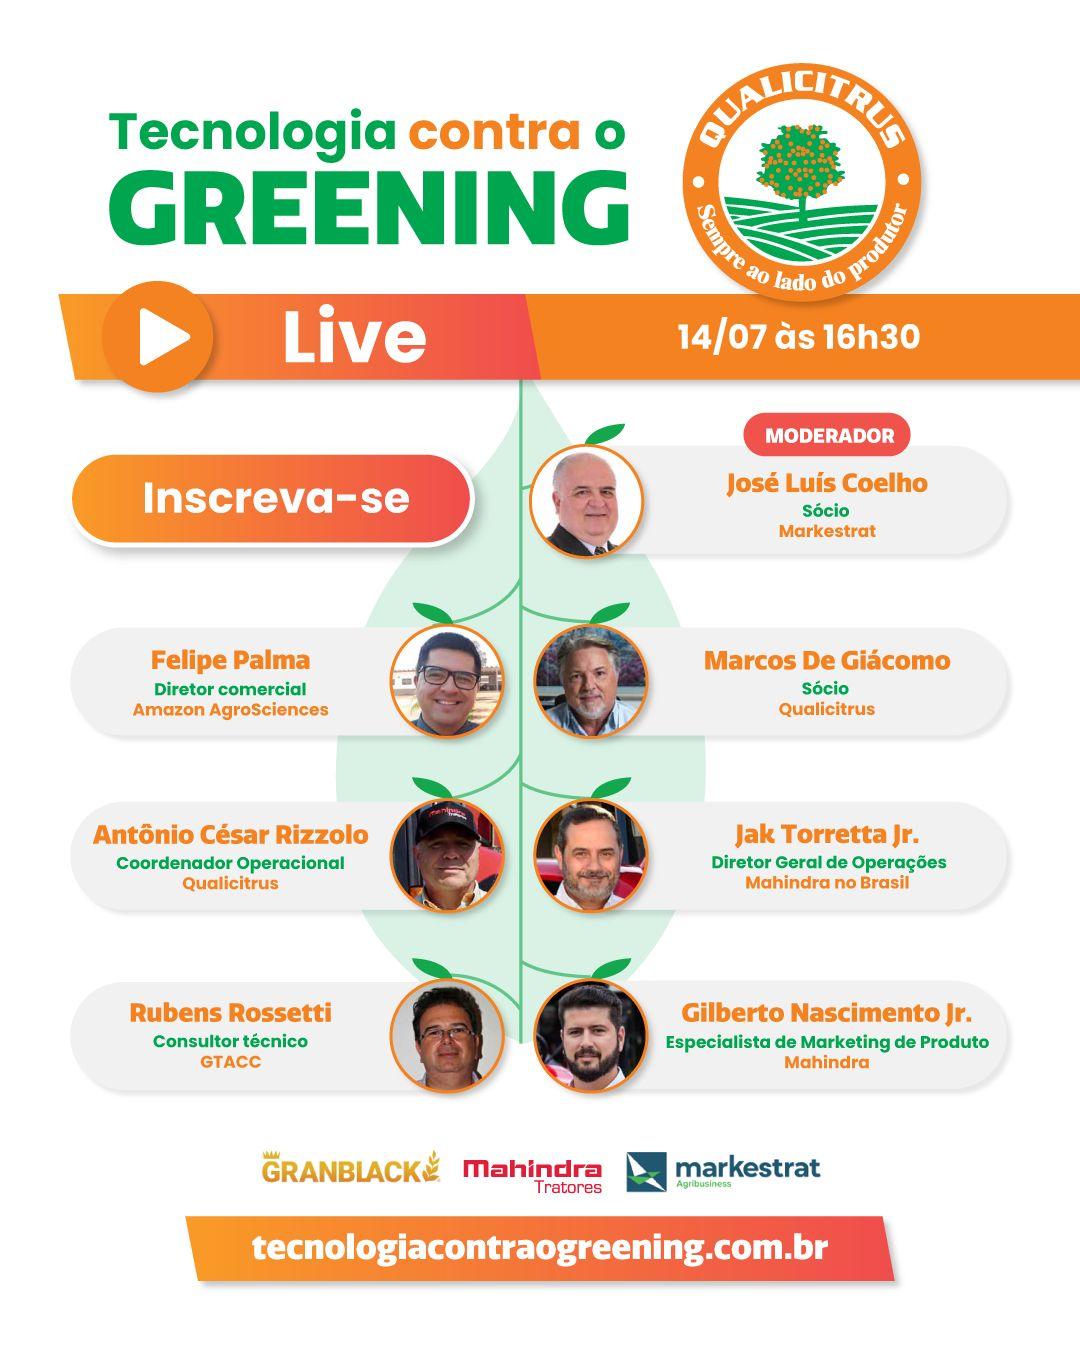 Tecnologia contra o Greening será foco do Webinar